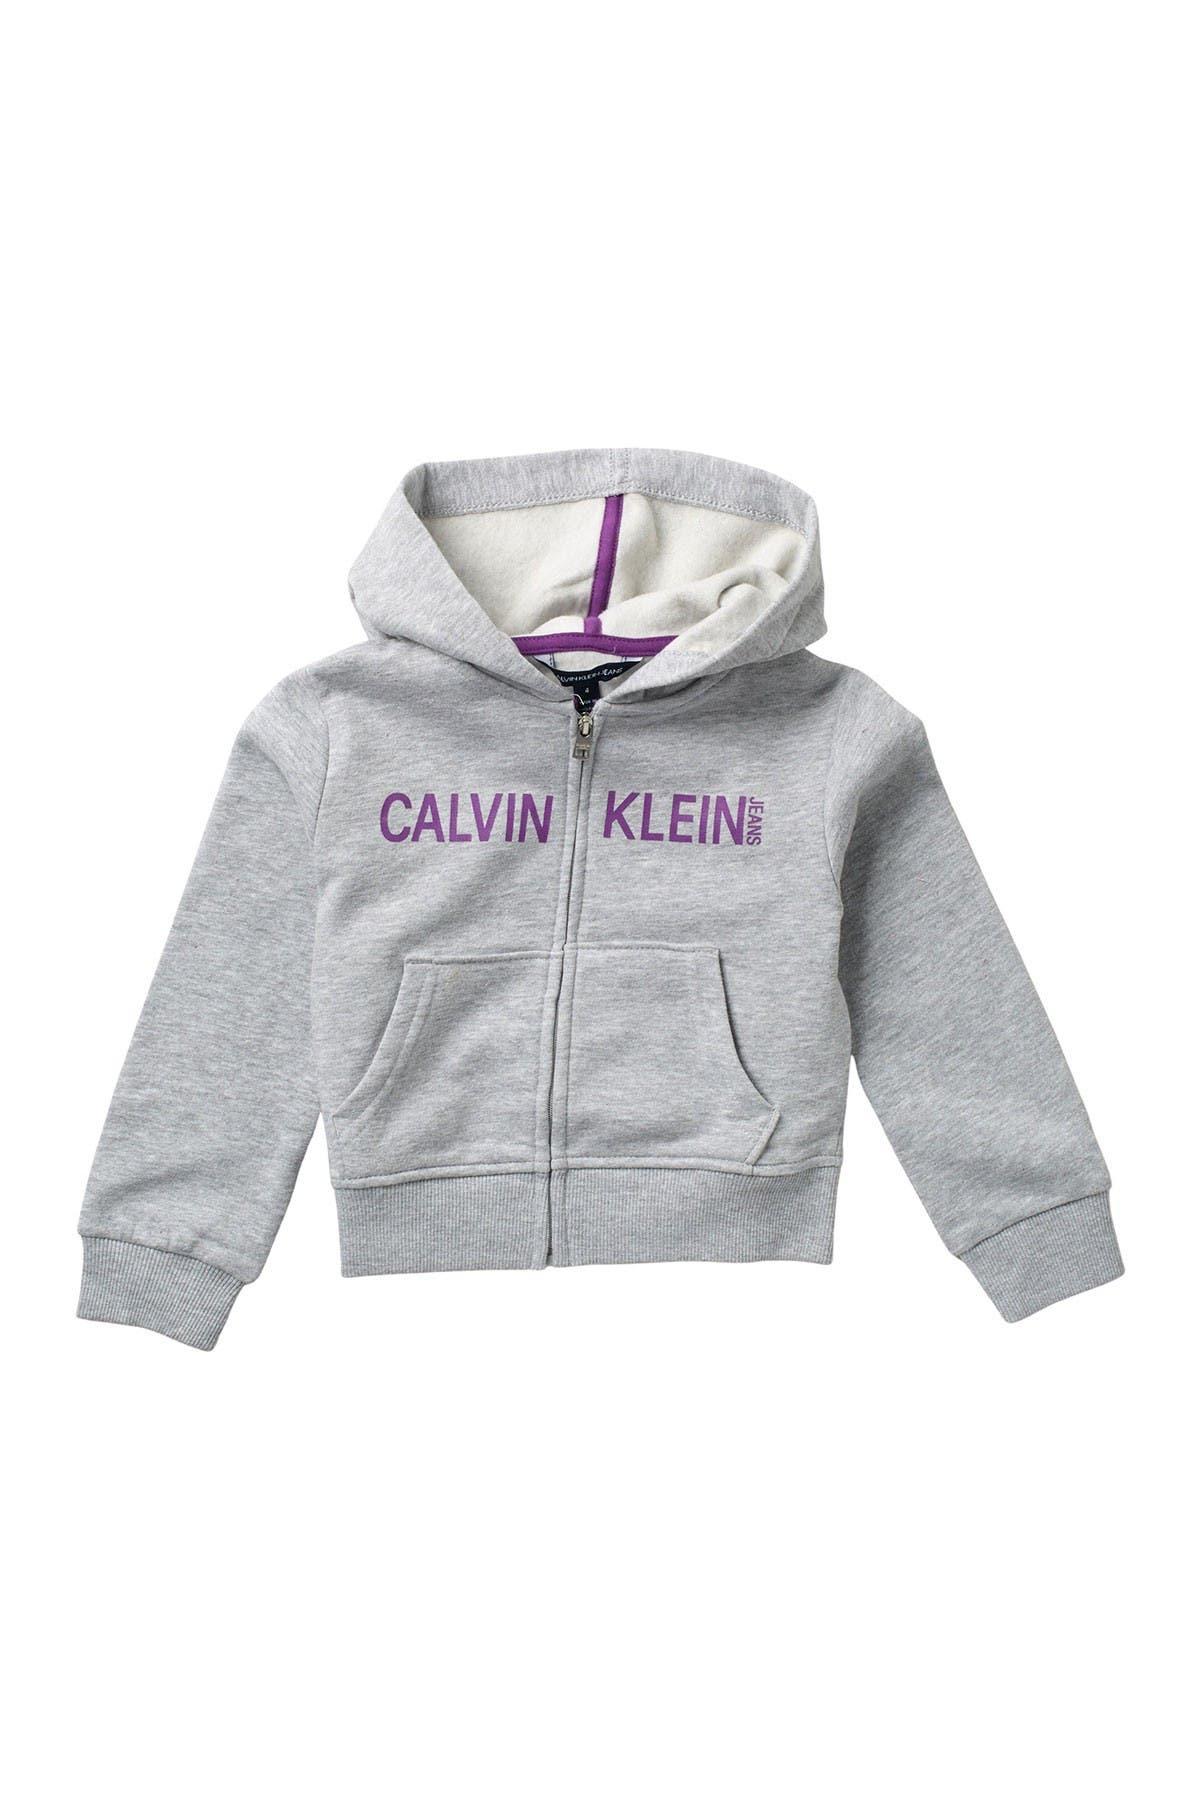 Image of Calvin Klein Zip Up CKJ Hoodie